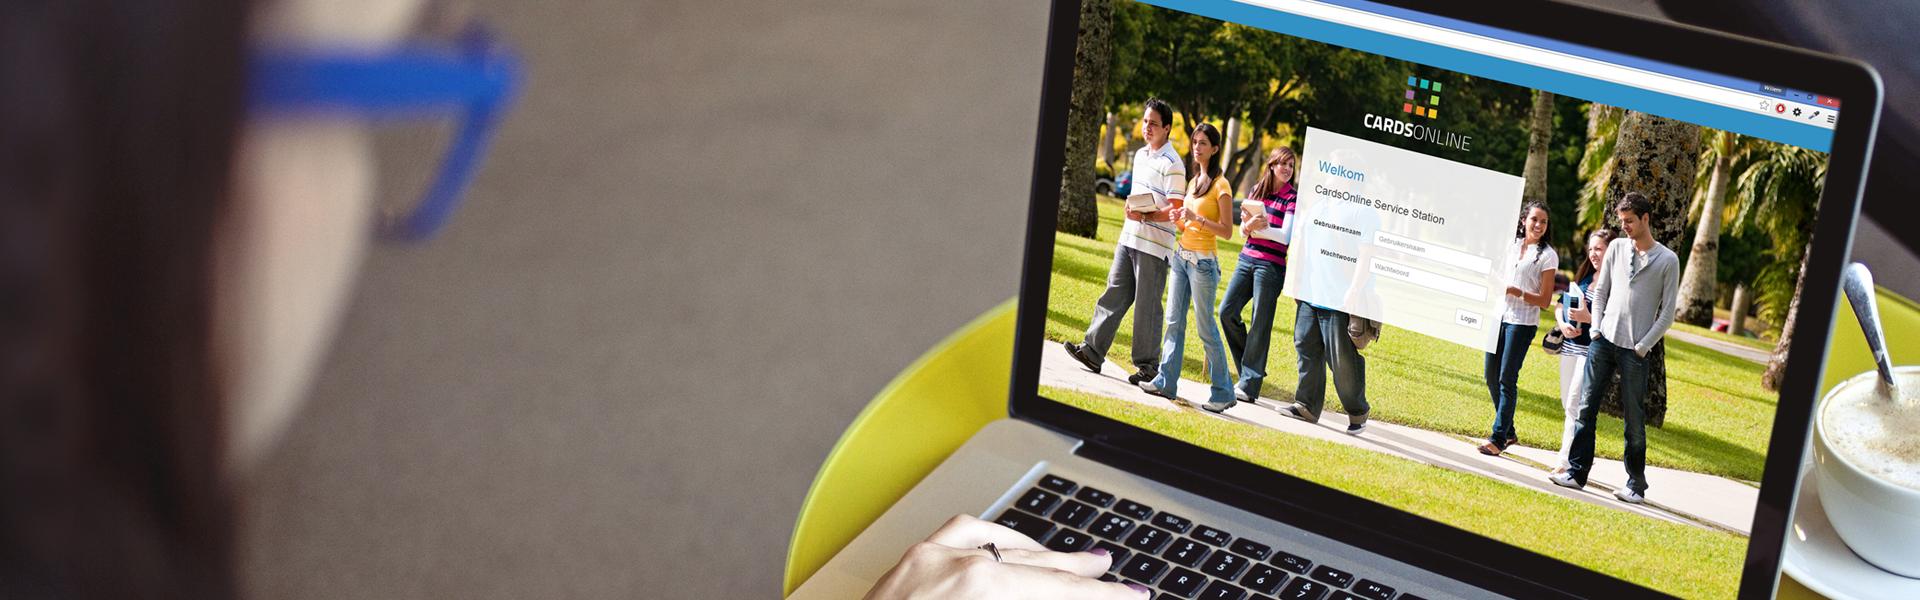 CardsOnline Service Portal -Online enrollment